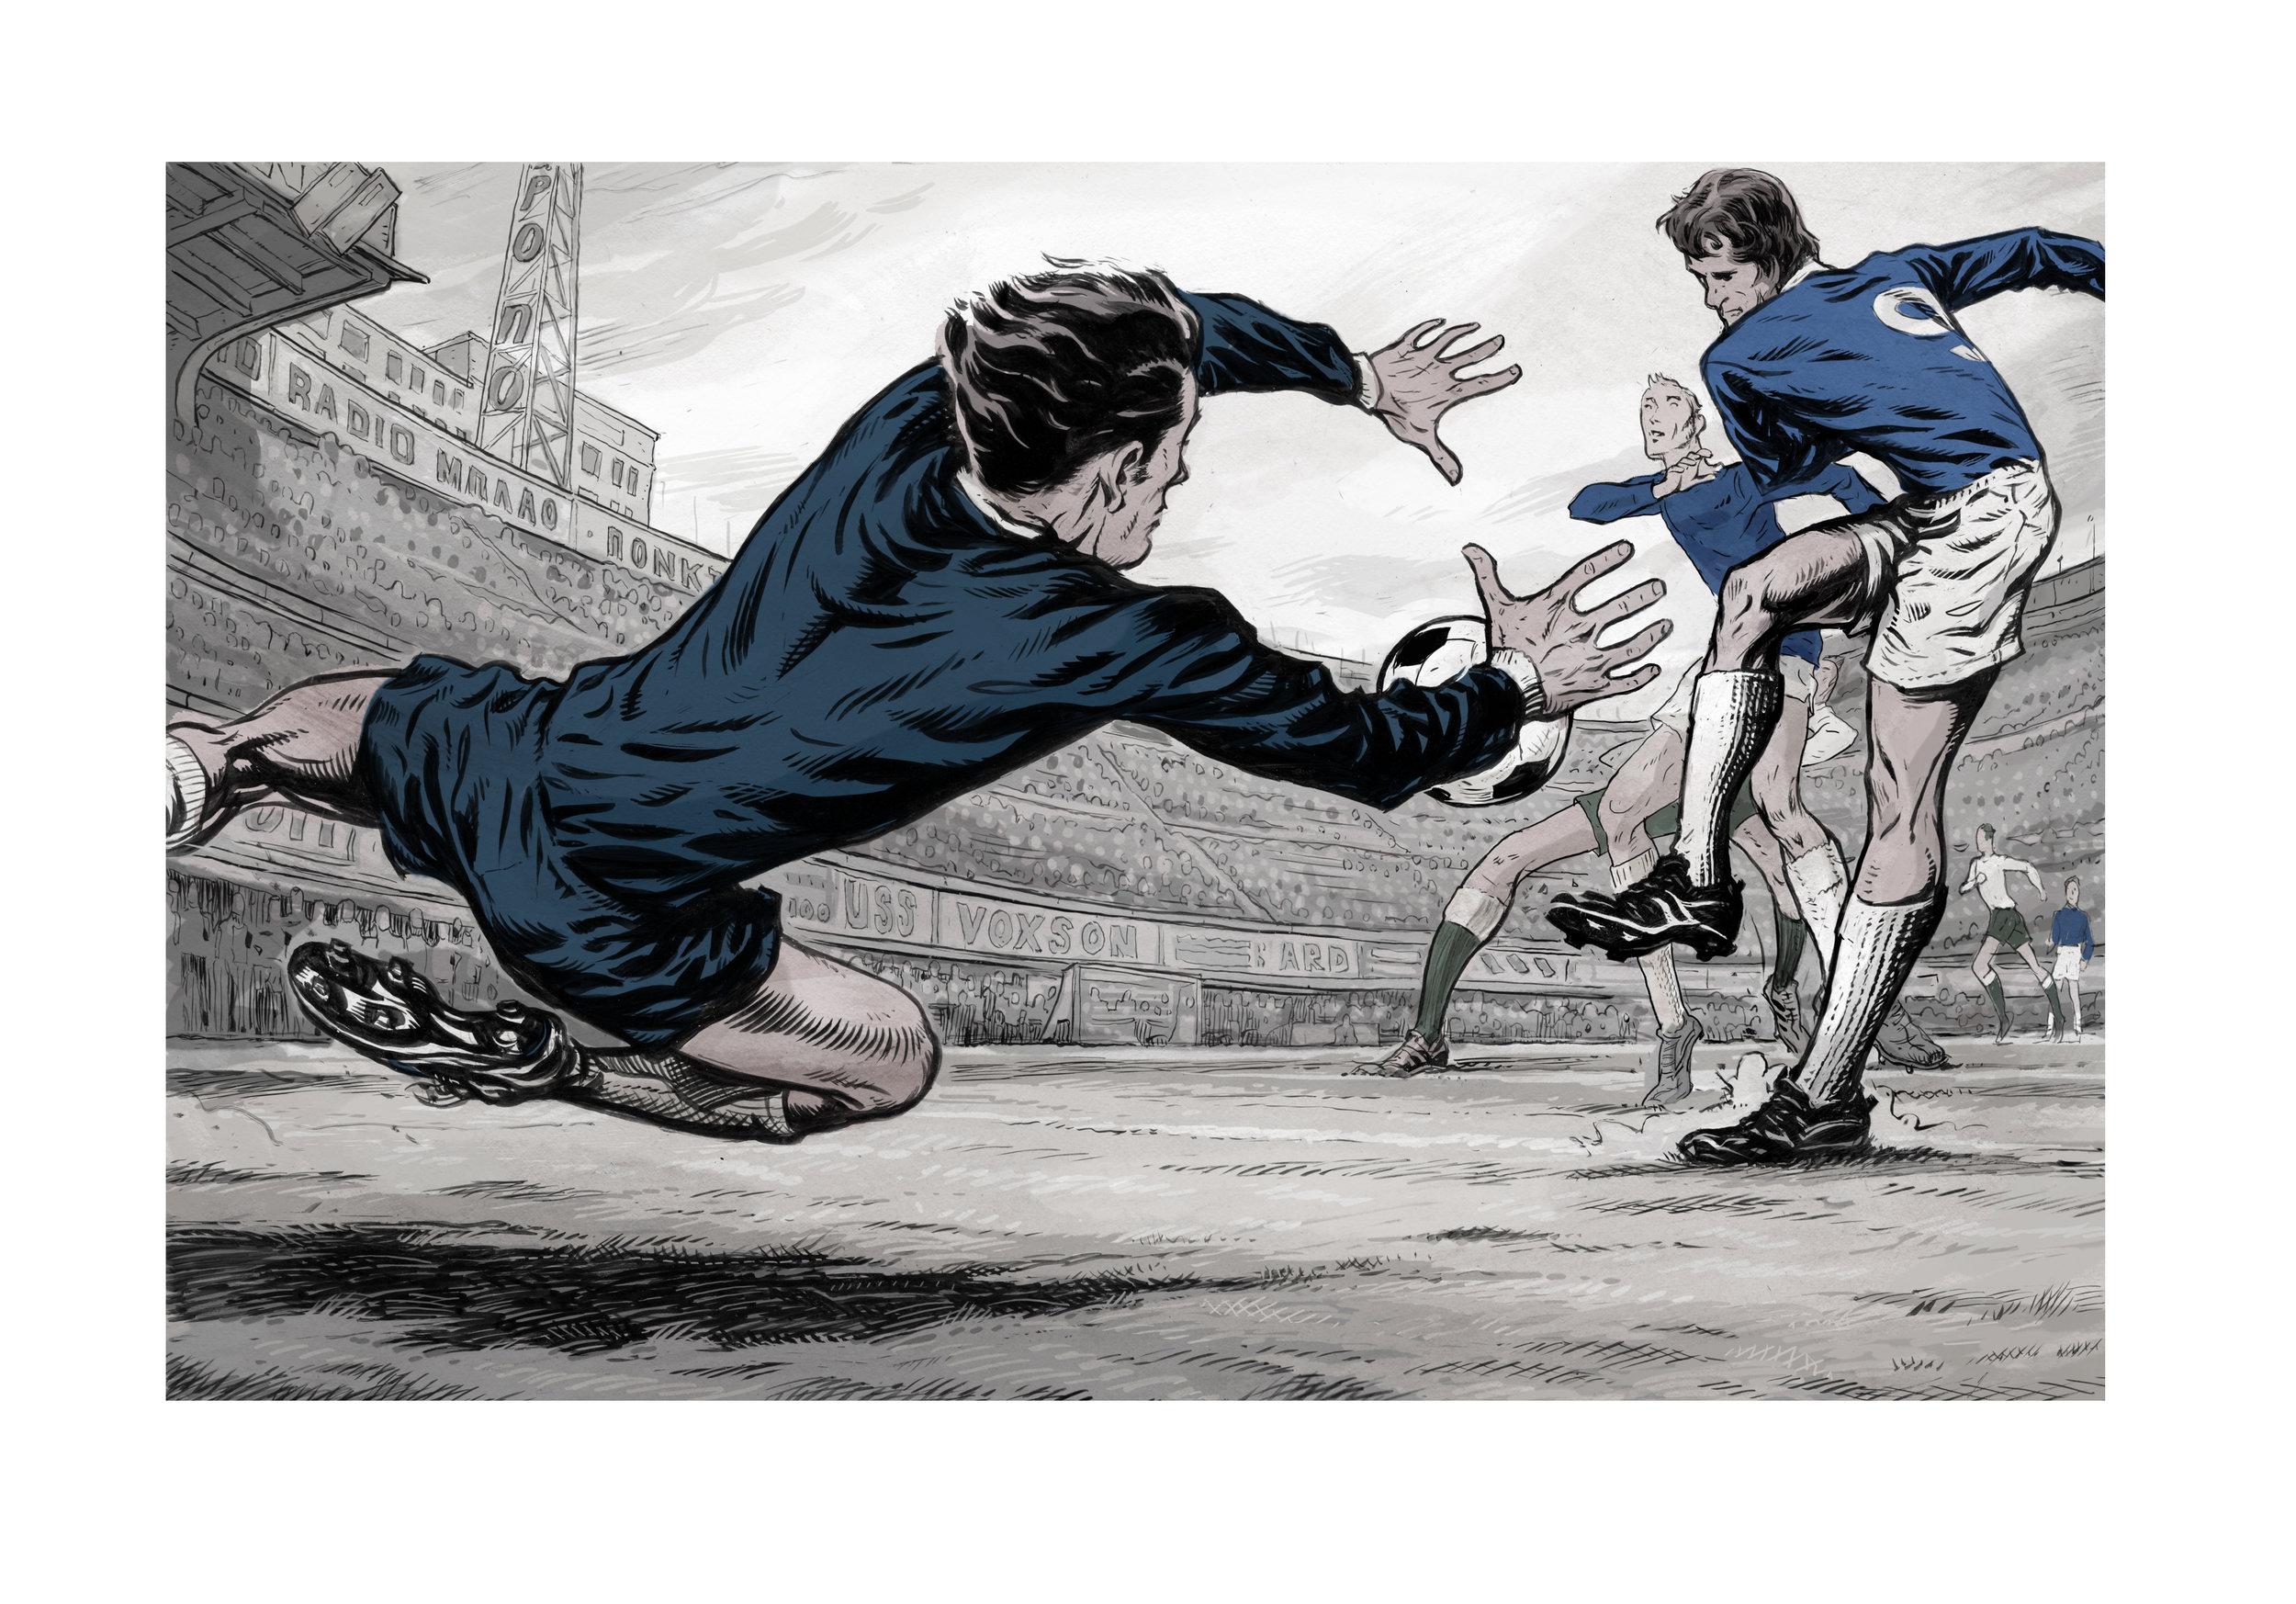 Everton vs. Panathenaikos